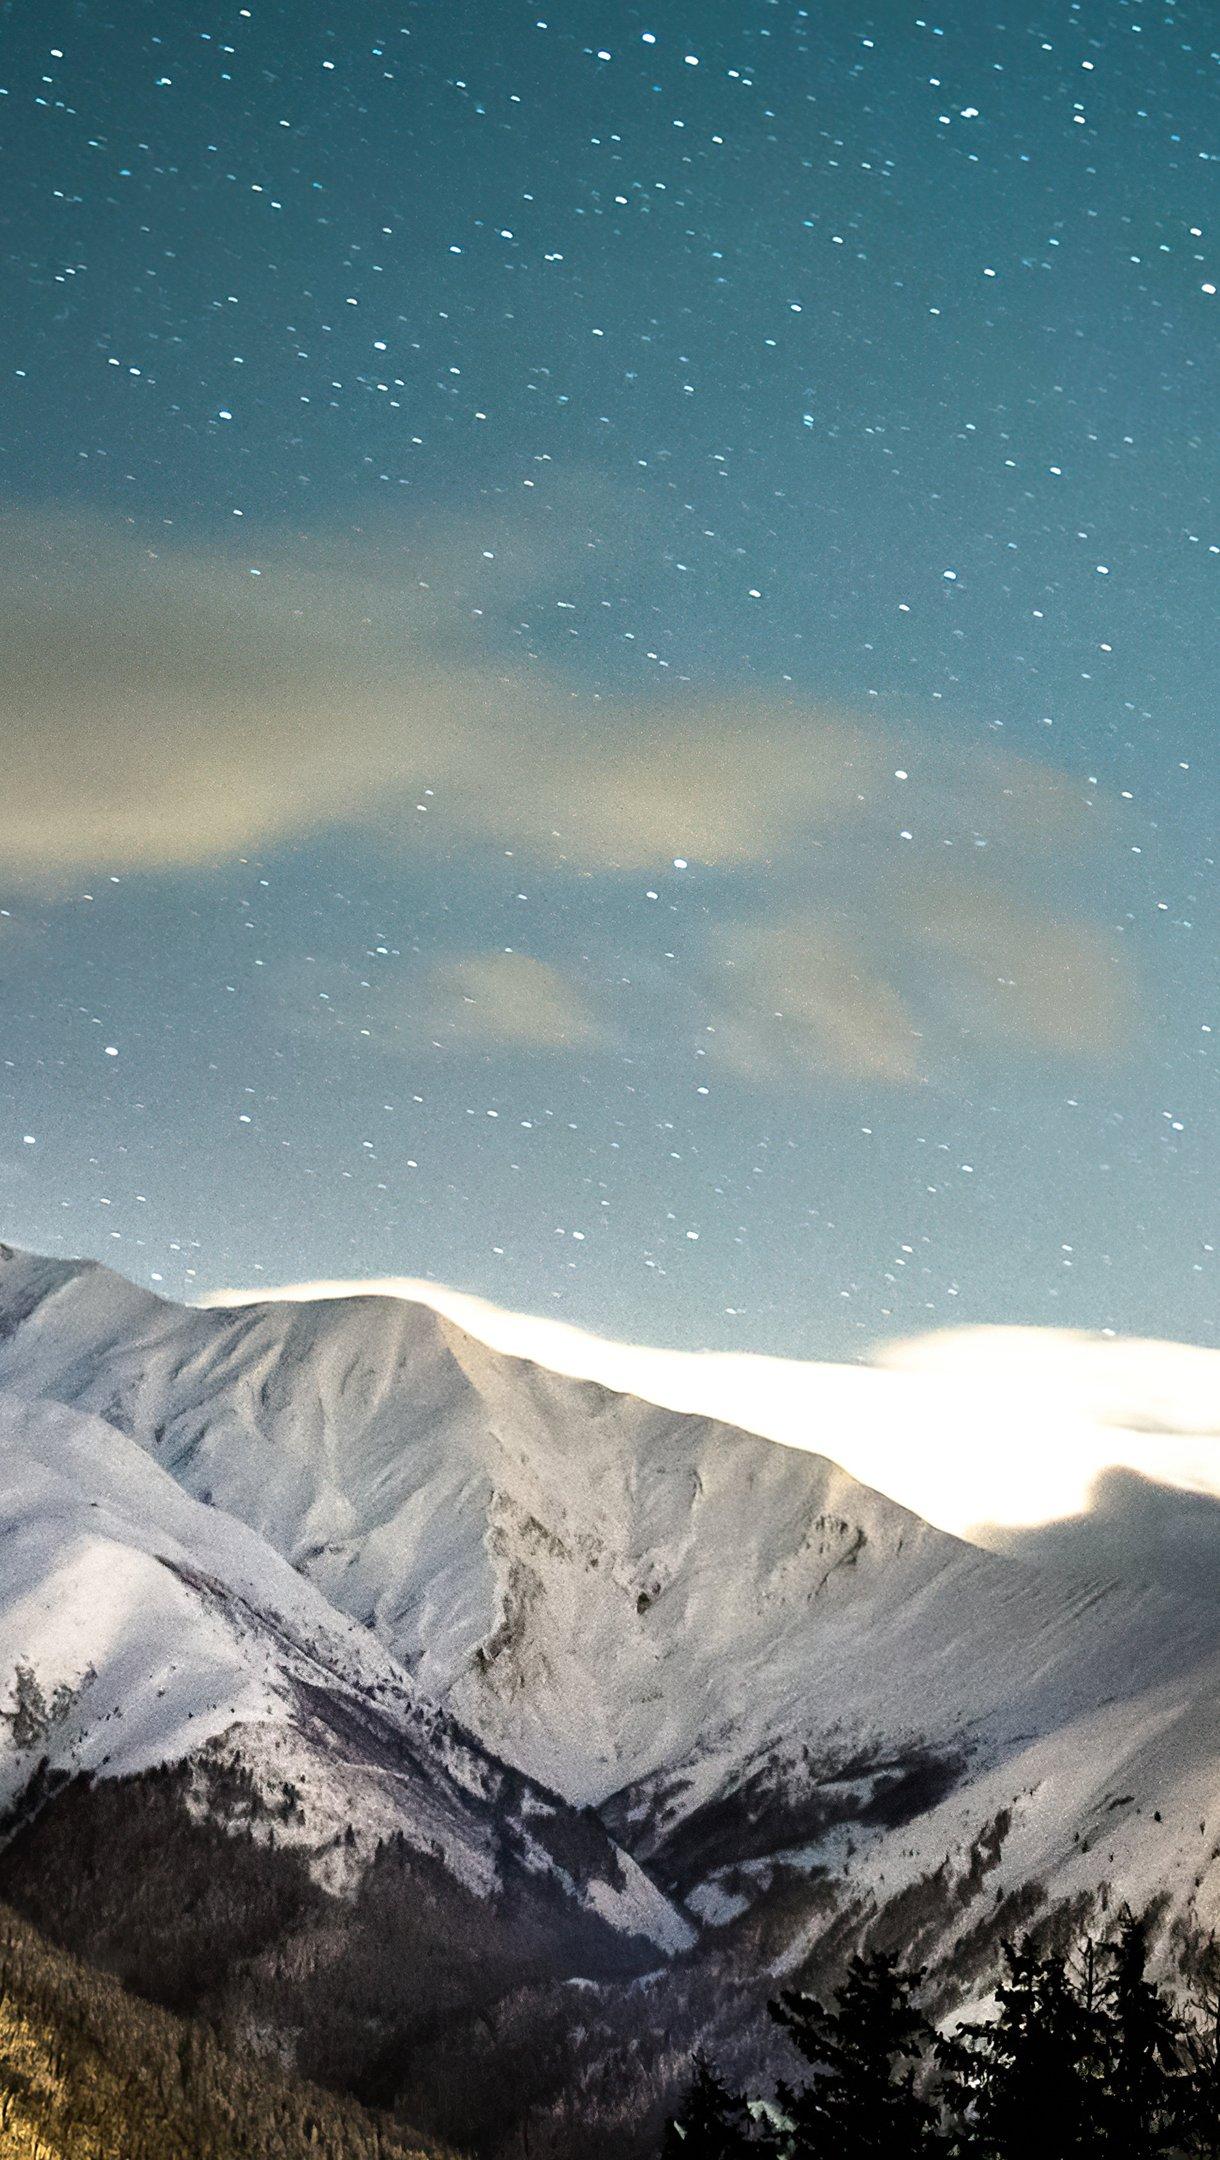 Fondos de pantalla Invierno en las montañas Vertical